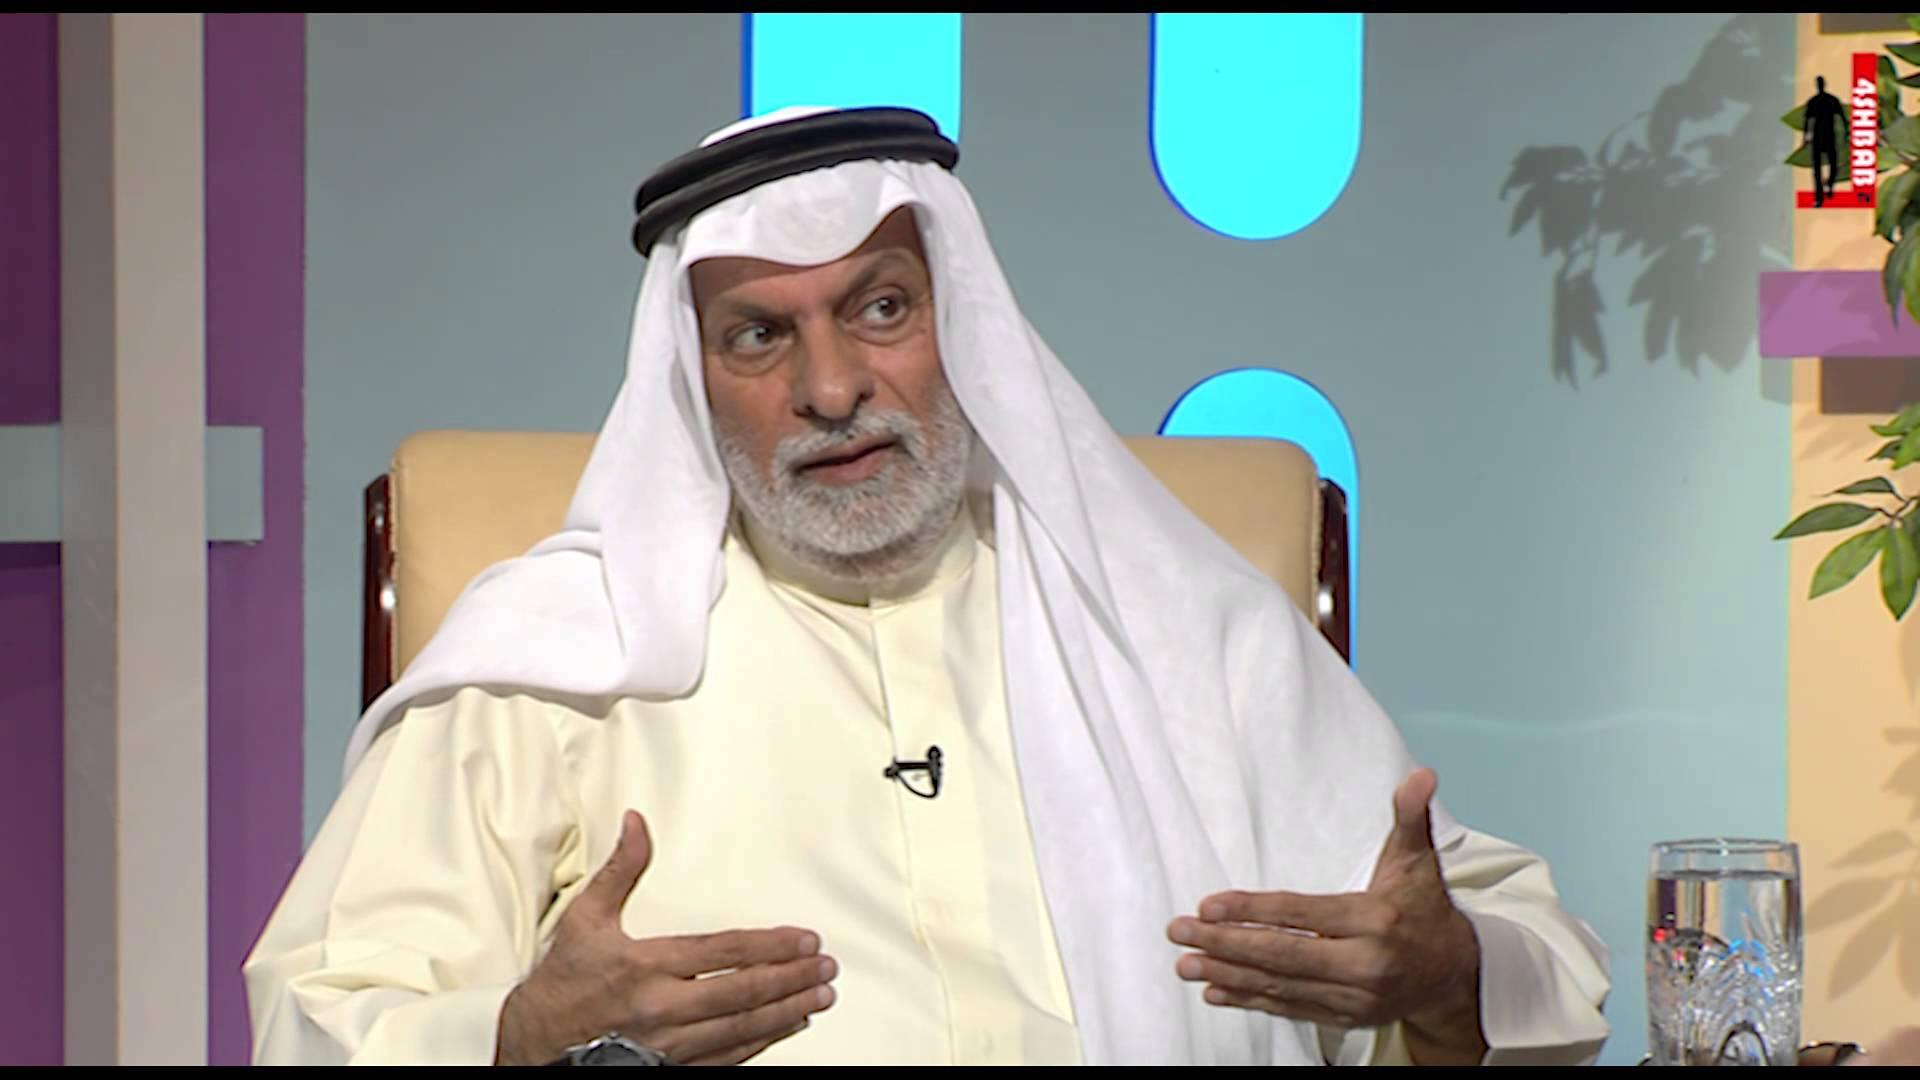 مآل المنطقة العربية وربع المليون شيعي المجهز عسكريا.. وملف قطر مجرد فخ